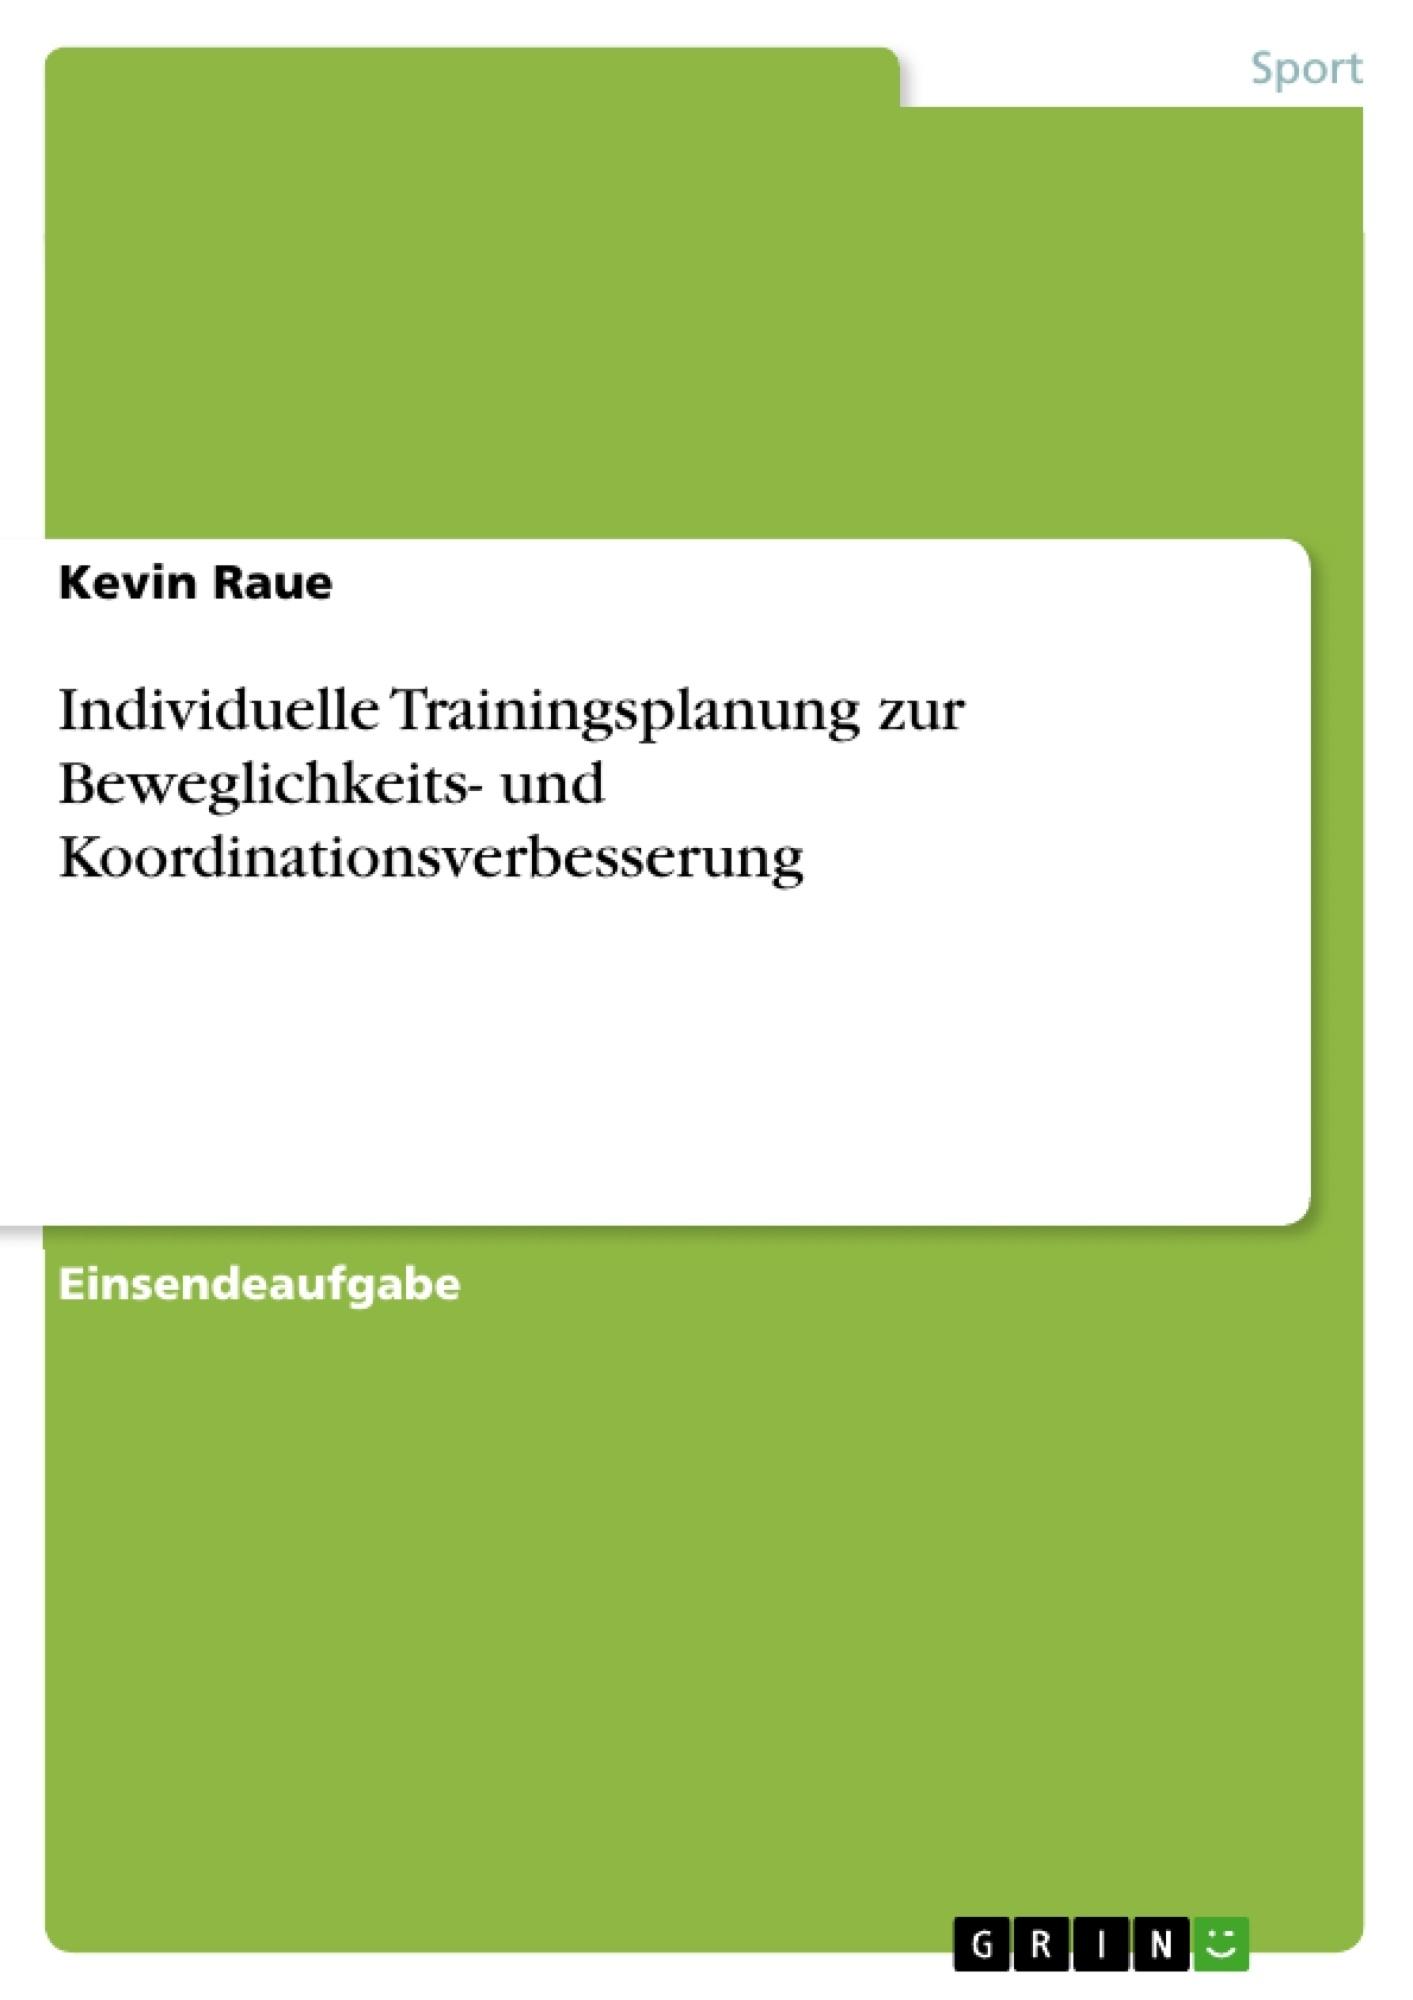 Titel: Individuelle Trainingsplanung zur Beweglichkeits- und Koordinationsverbesserung